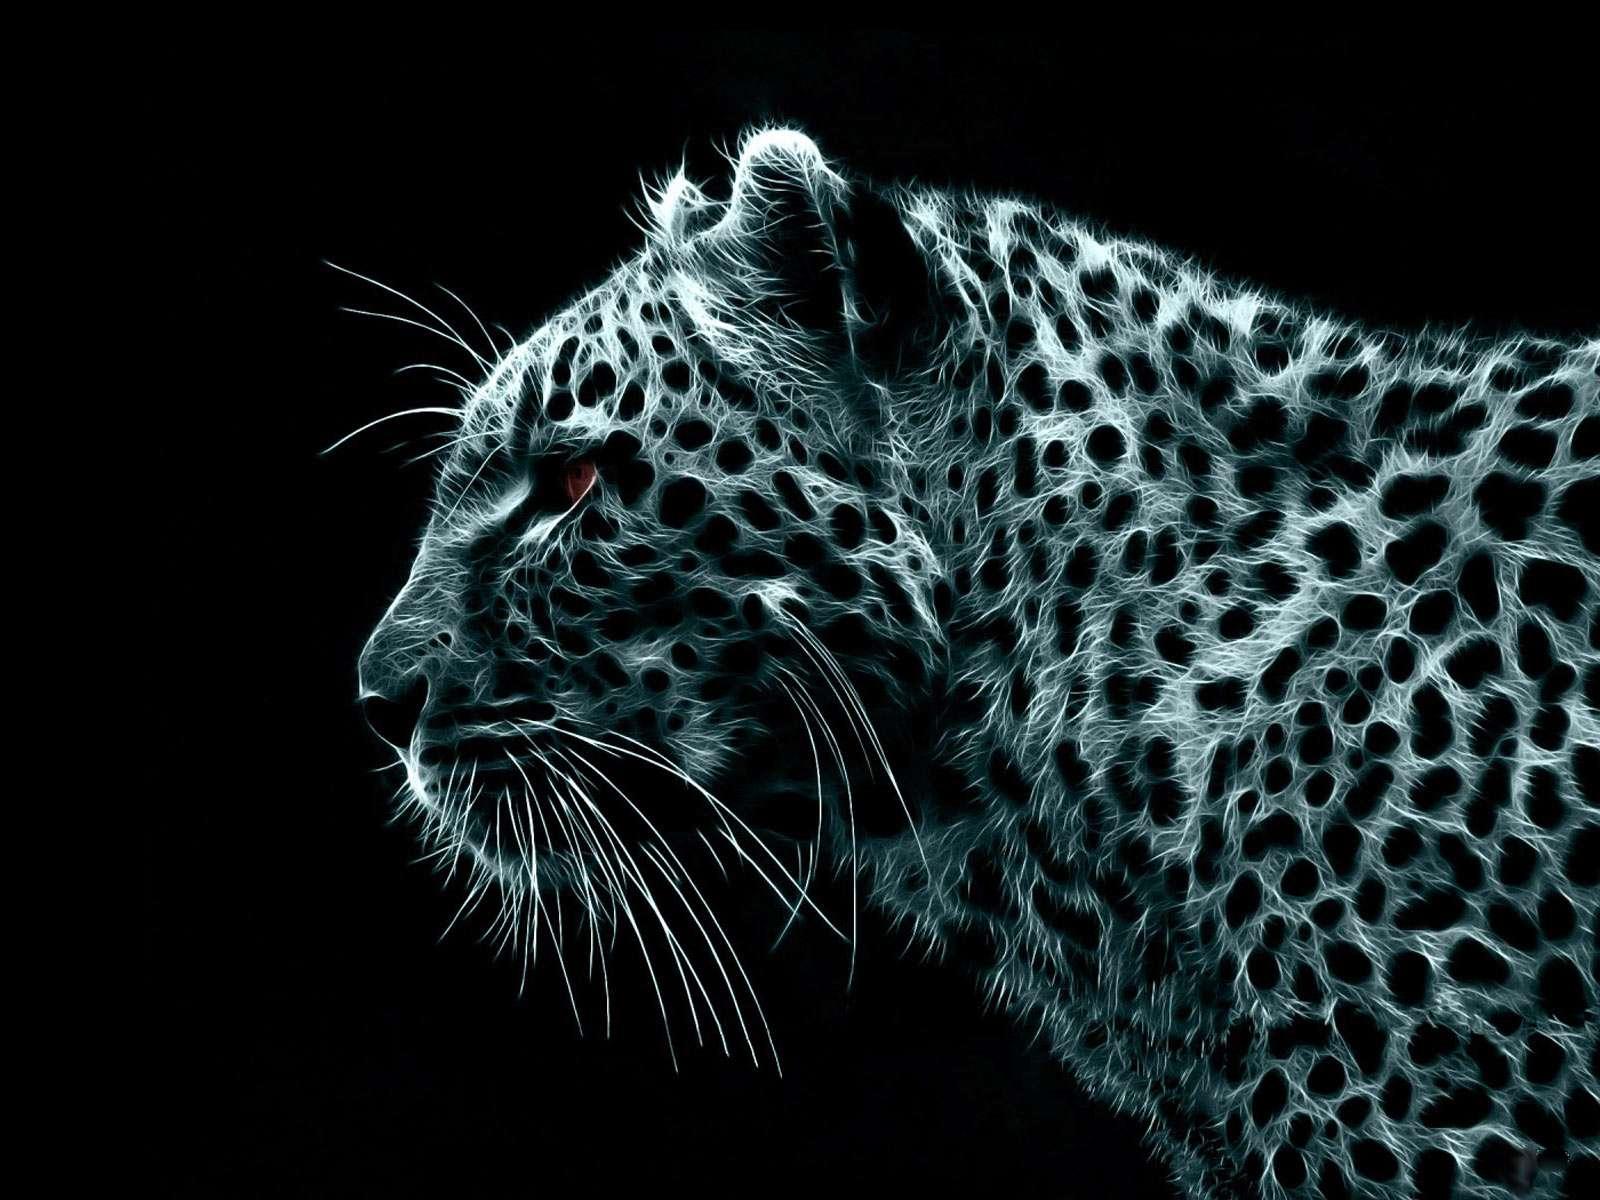 Leopardo per desktop aggressivi immagini e sfondi per for Foto spettacolari per desktop